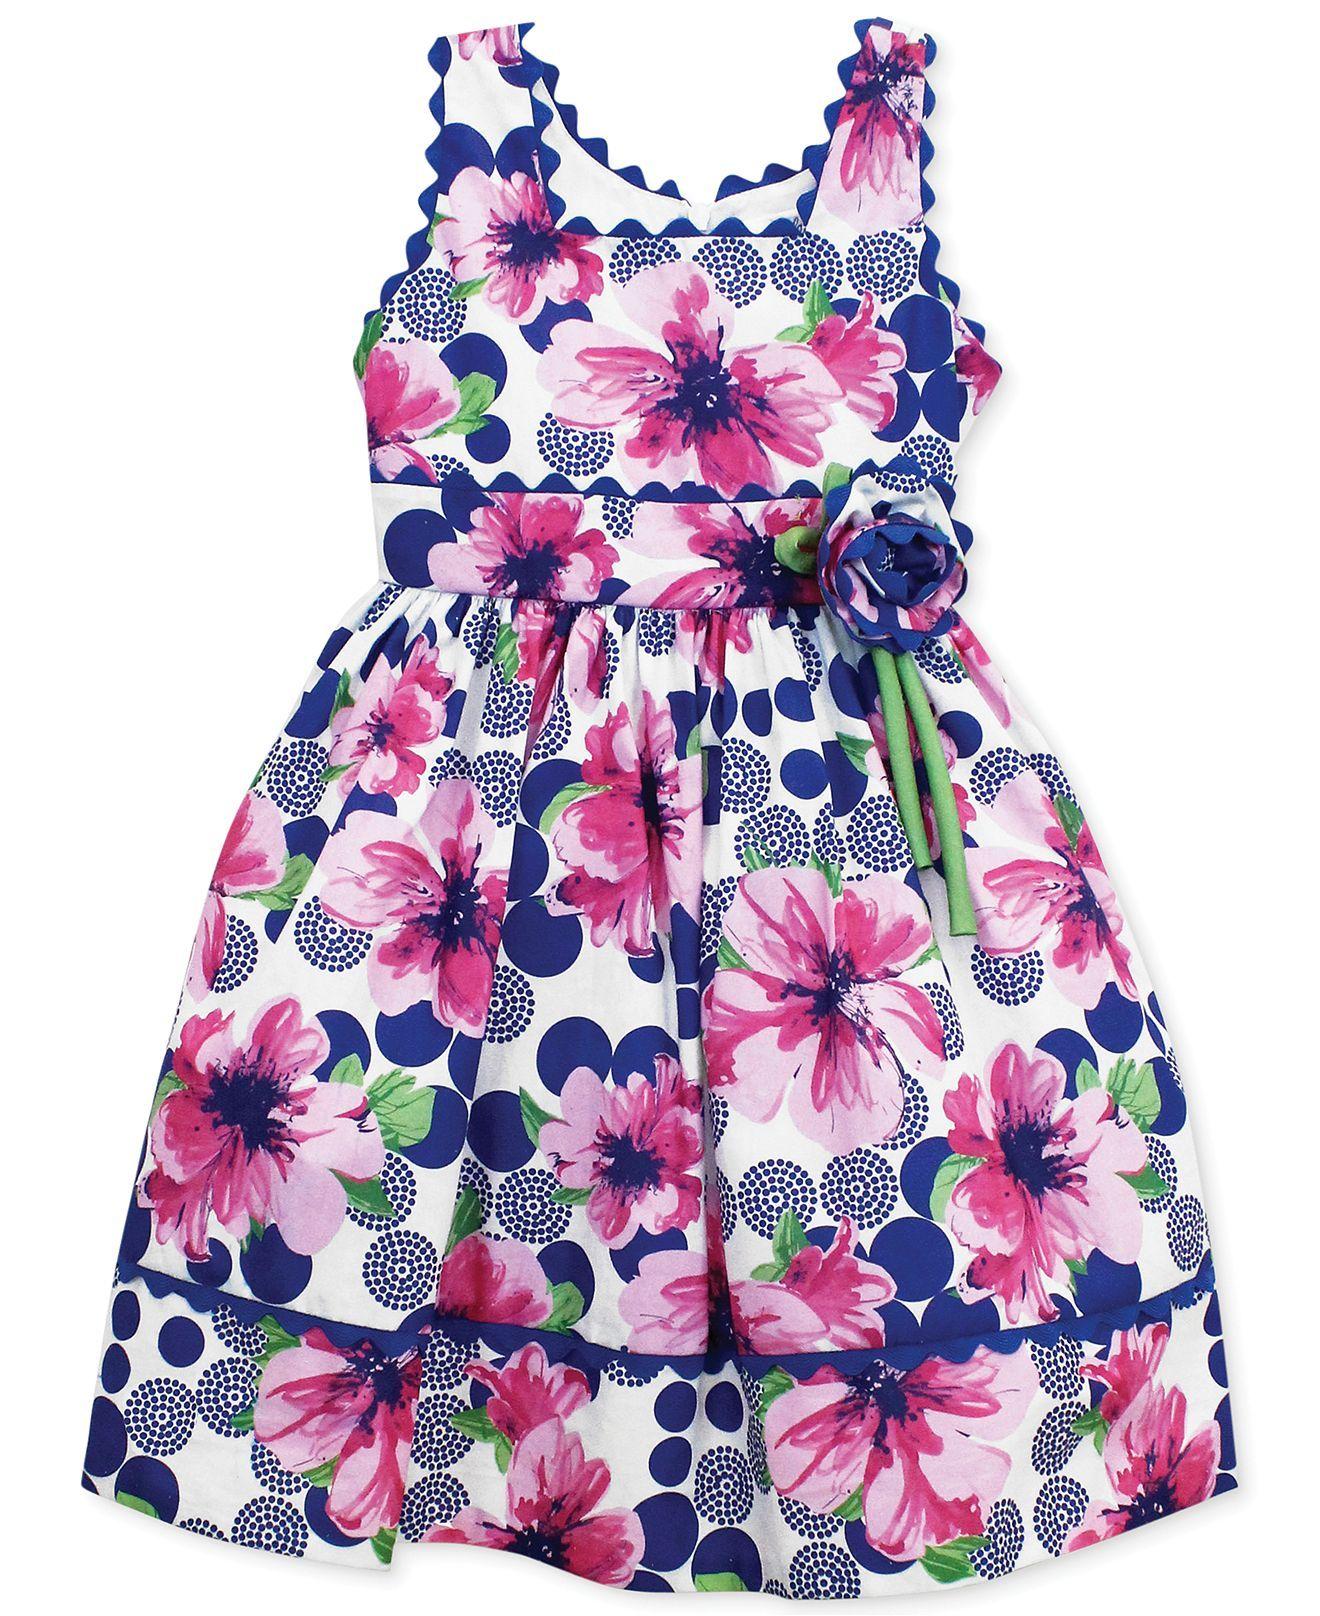 Jayne Copeland Little Girls' Floral Bow Dress - Kids Dresses & Dresswear - Macy's